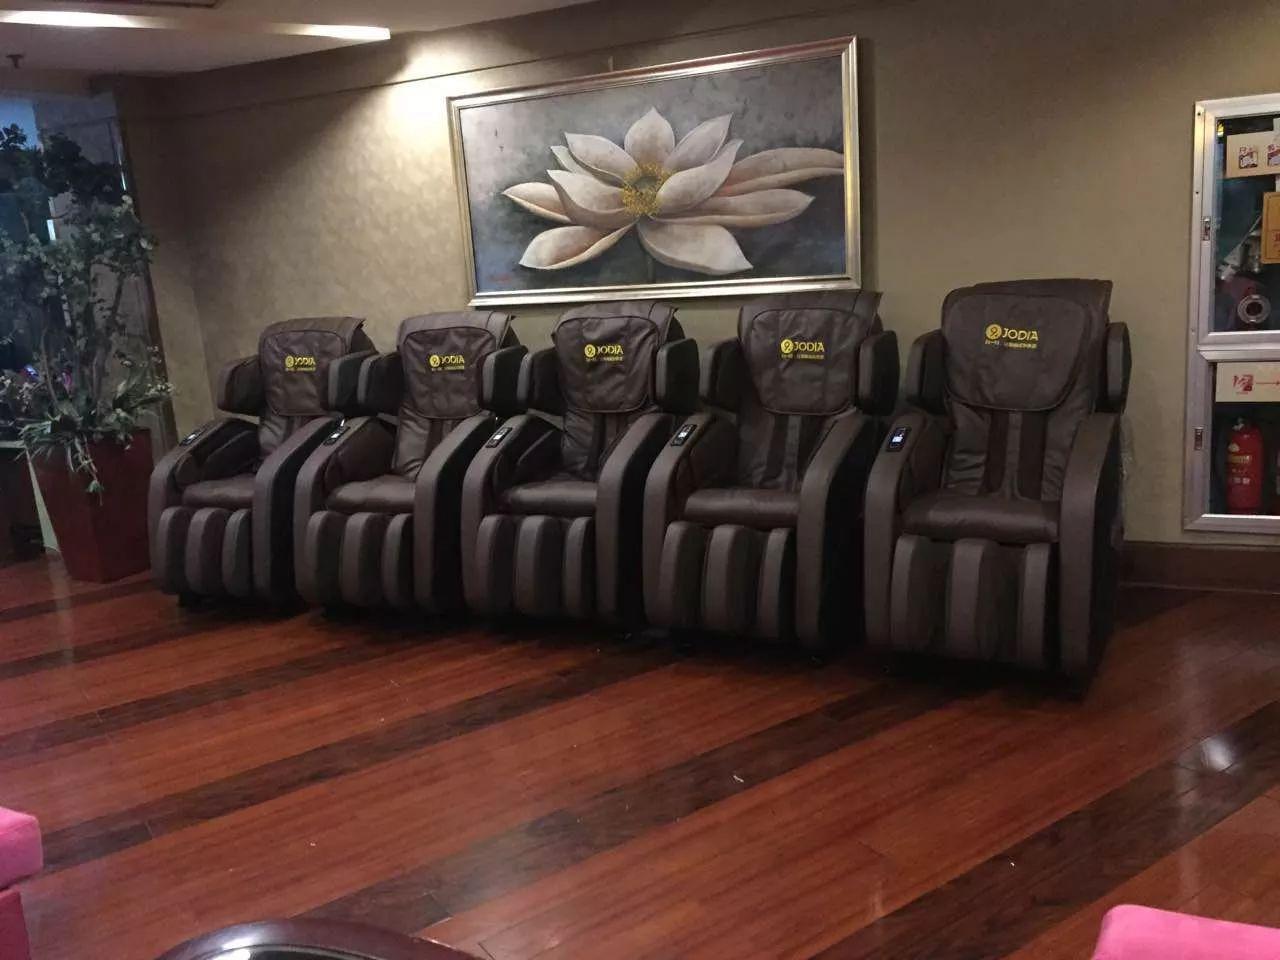 共享按摩椅如何加盟 苏州按摩椅 荣辰健身器材